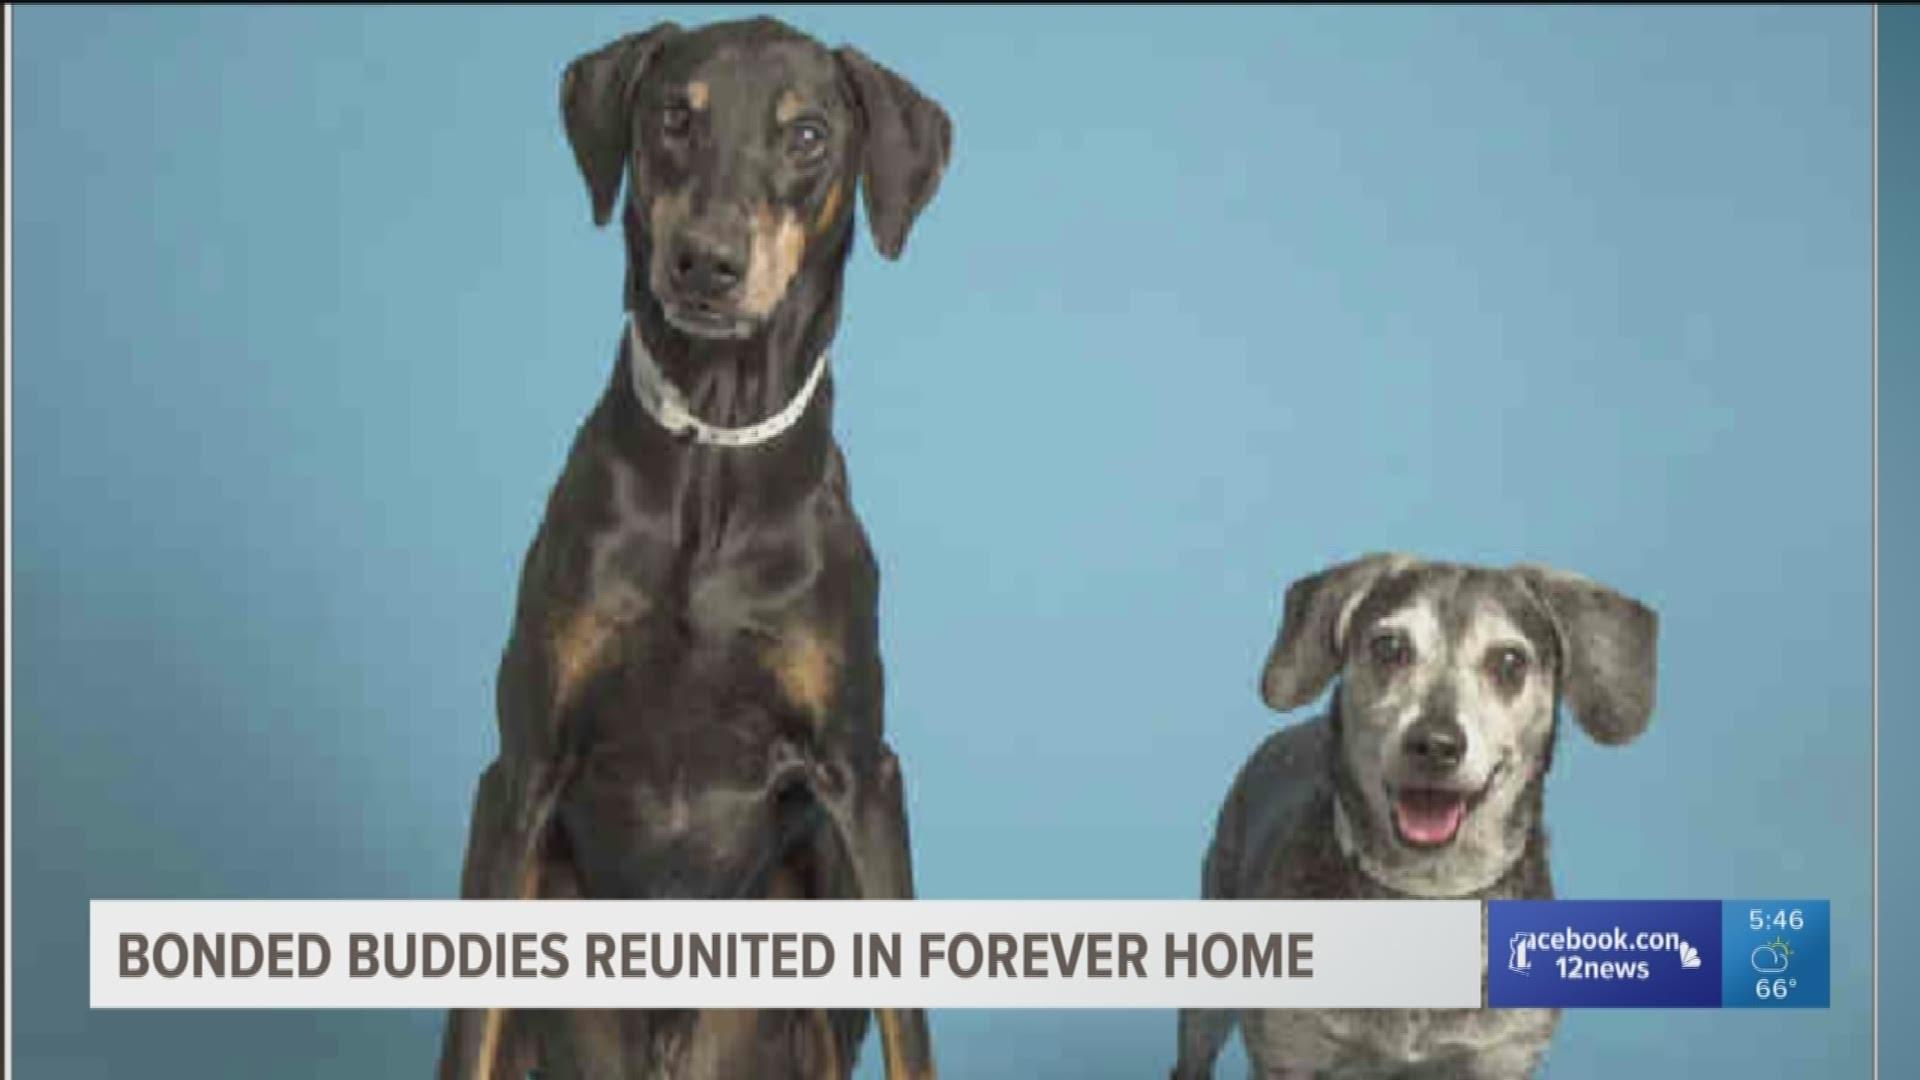 Doberman And Beagle With Lifetime Bond Reunited Through Adoption 12news Com